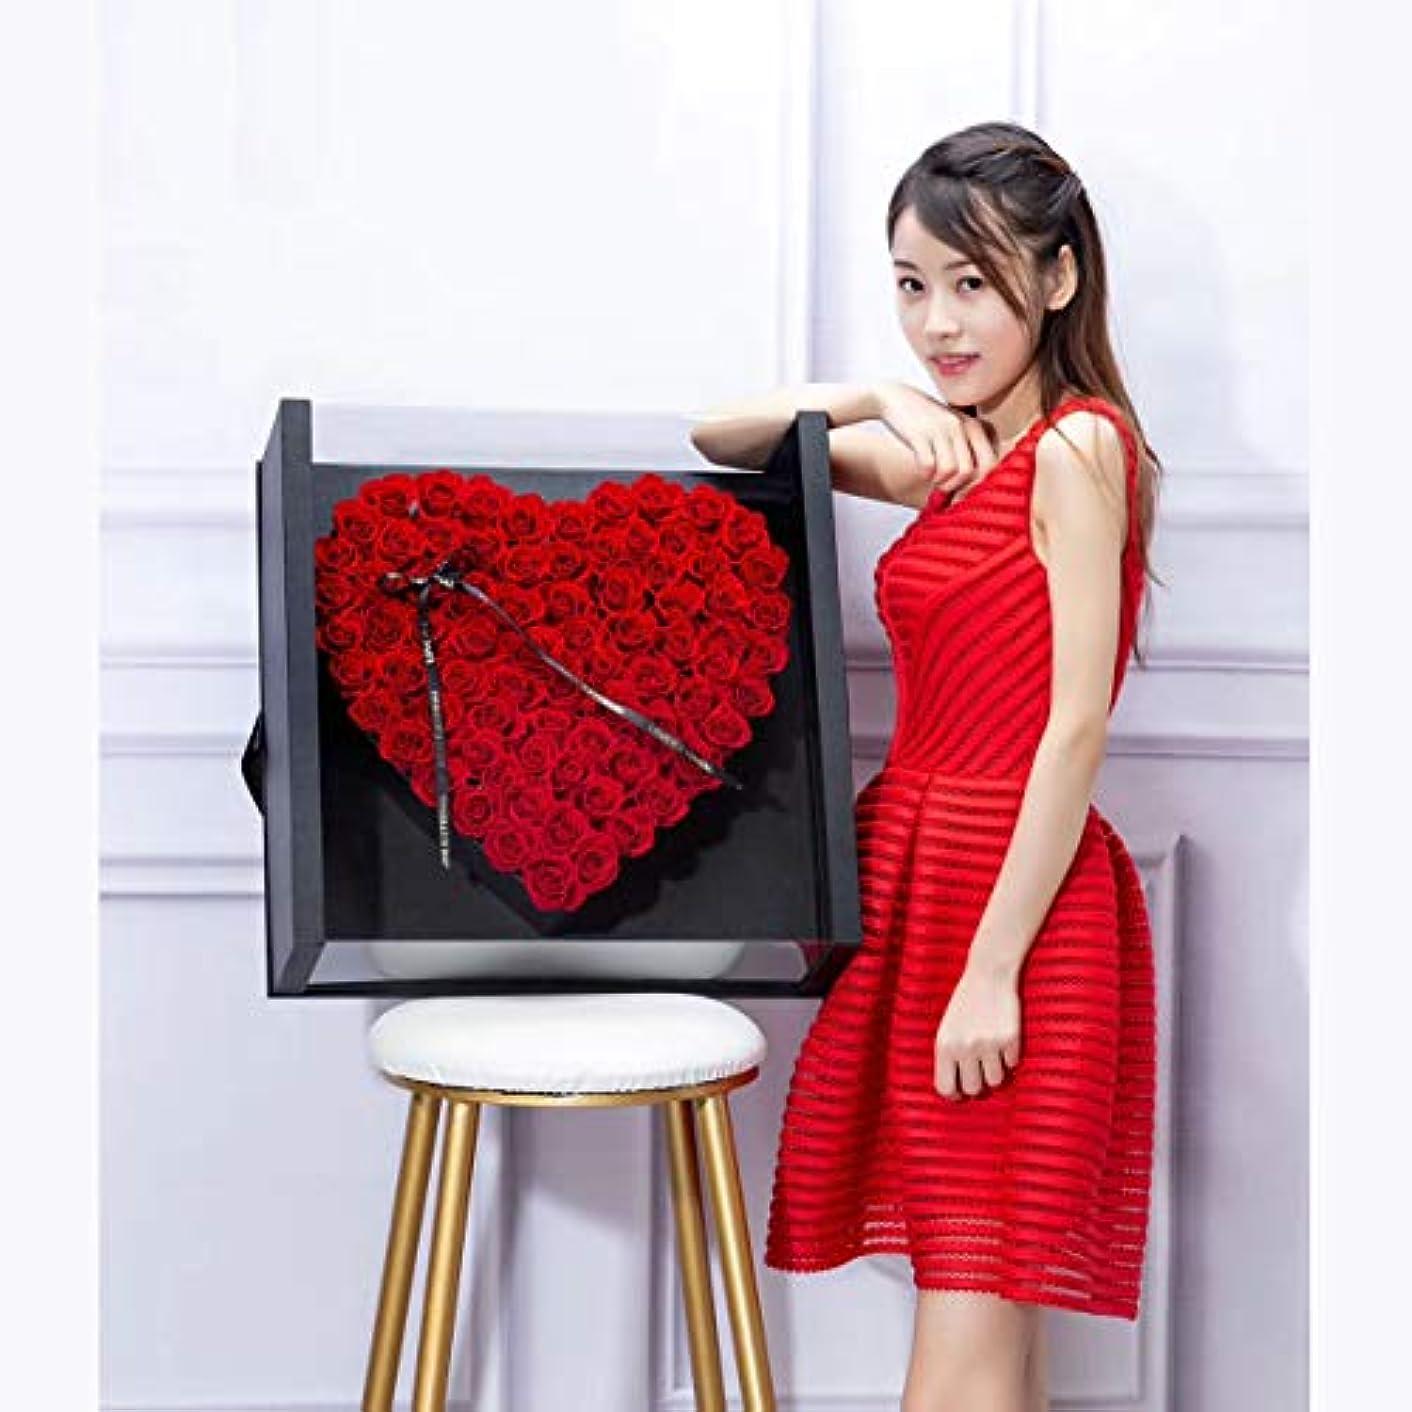 マント黒きらきらローズボックス - - 手作りのロングラスティングの花 - ボックスハート型の本当のプリザーブドフラワーバラ彼女の誕生日、記念日、バレンタインデーのための高級ギフトを(レッド),E,mattegold*4